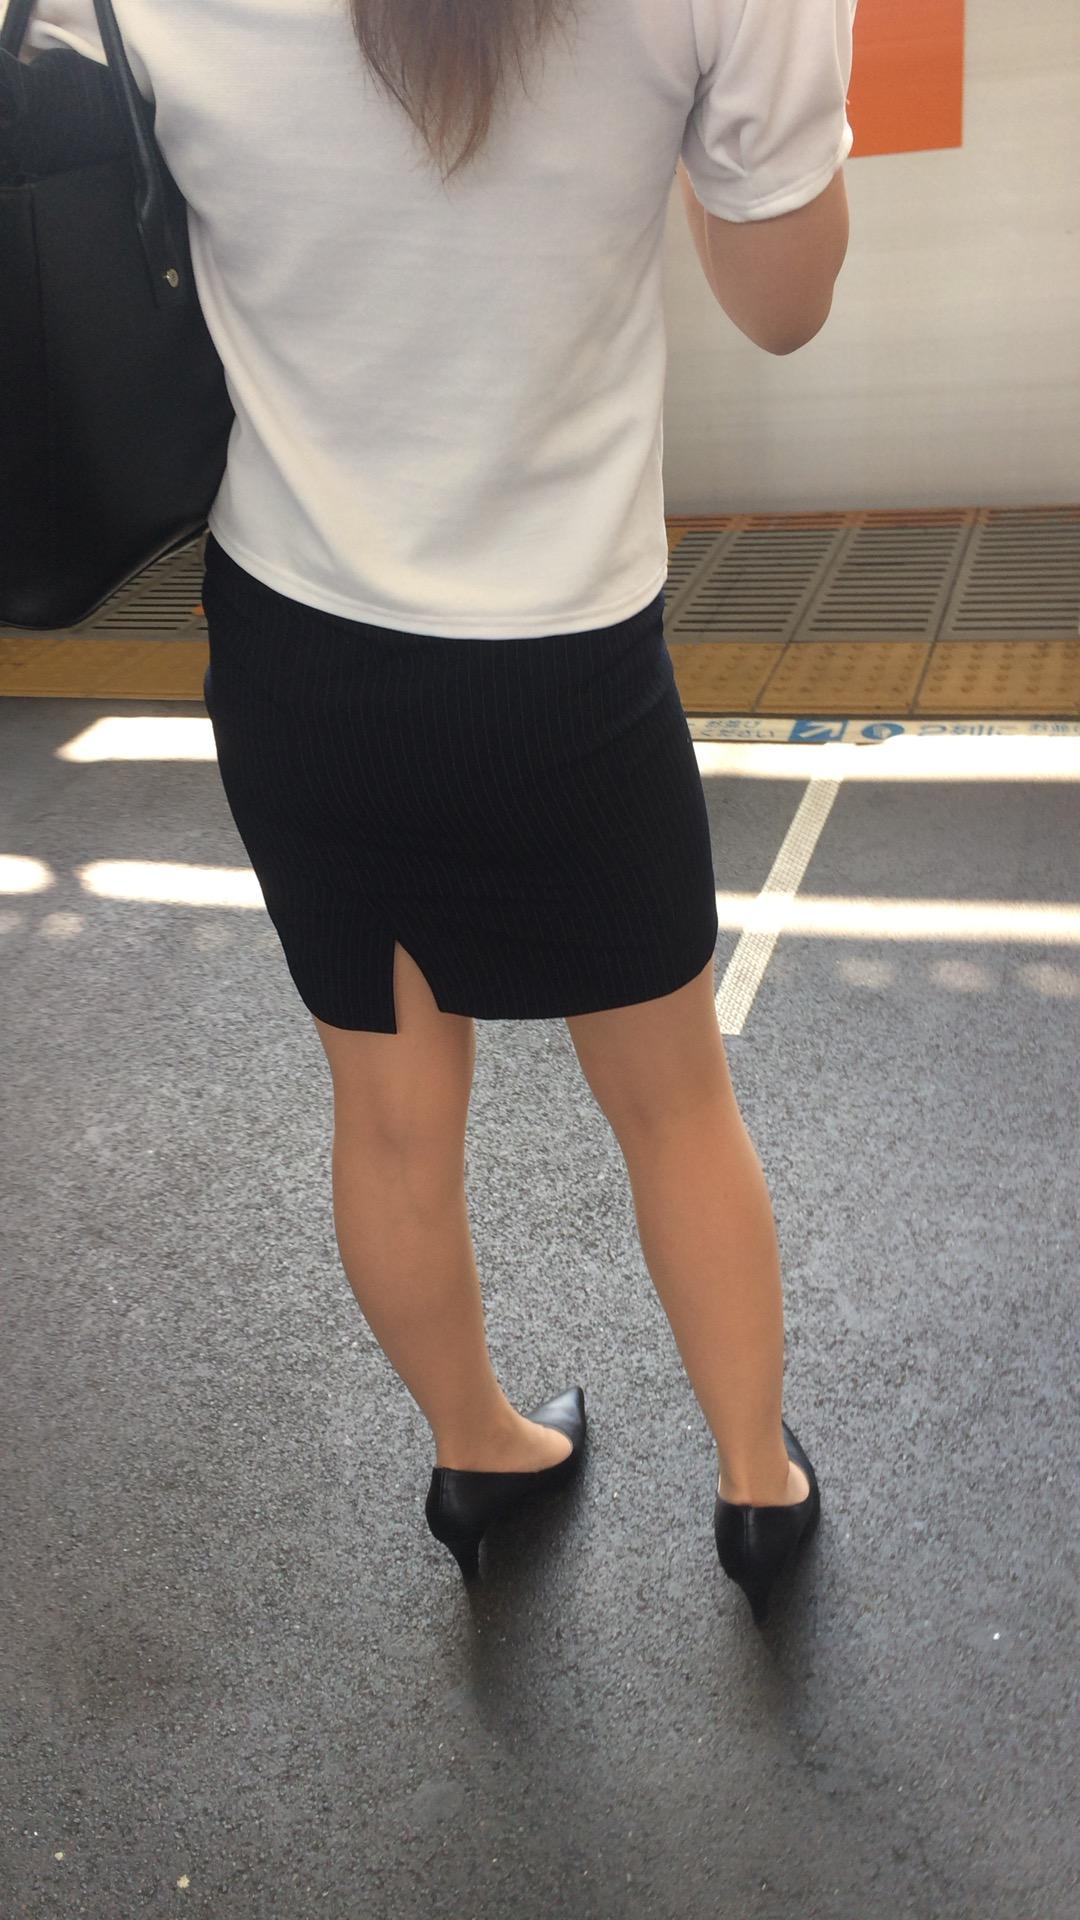 タイトスカートお尻の素人エロ画像16